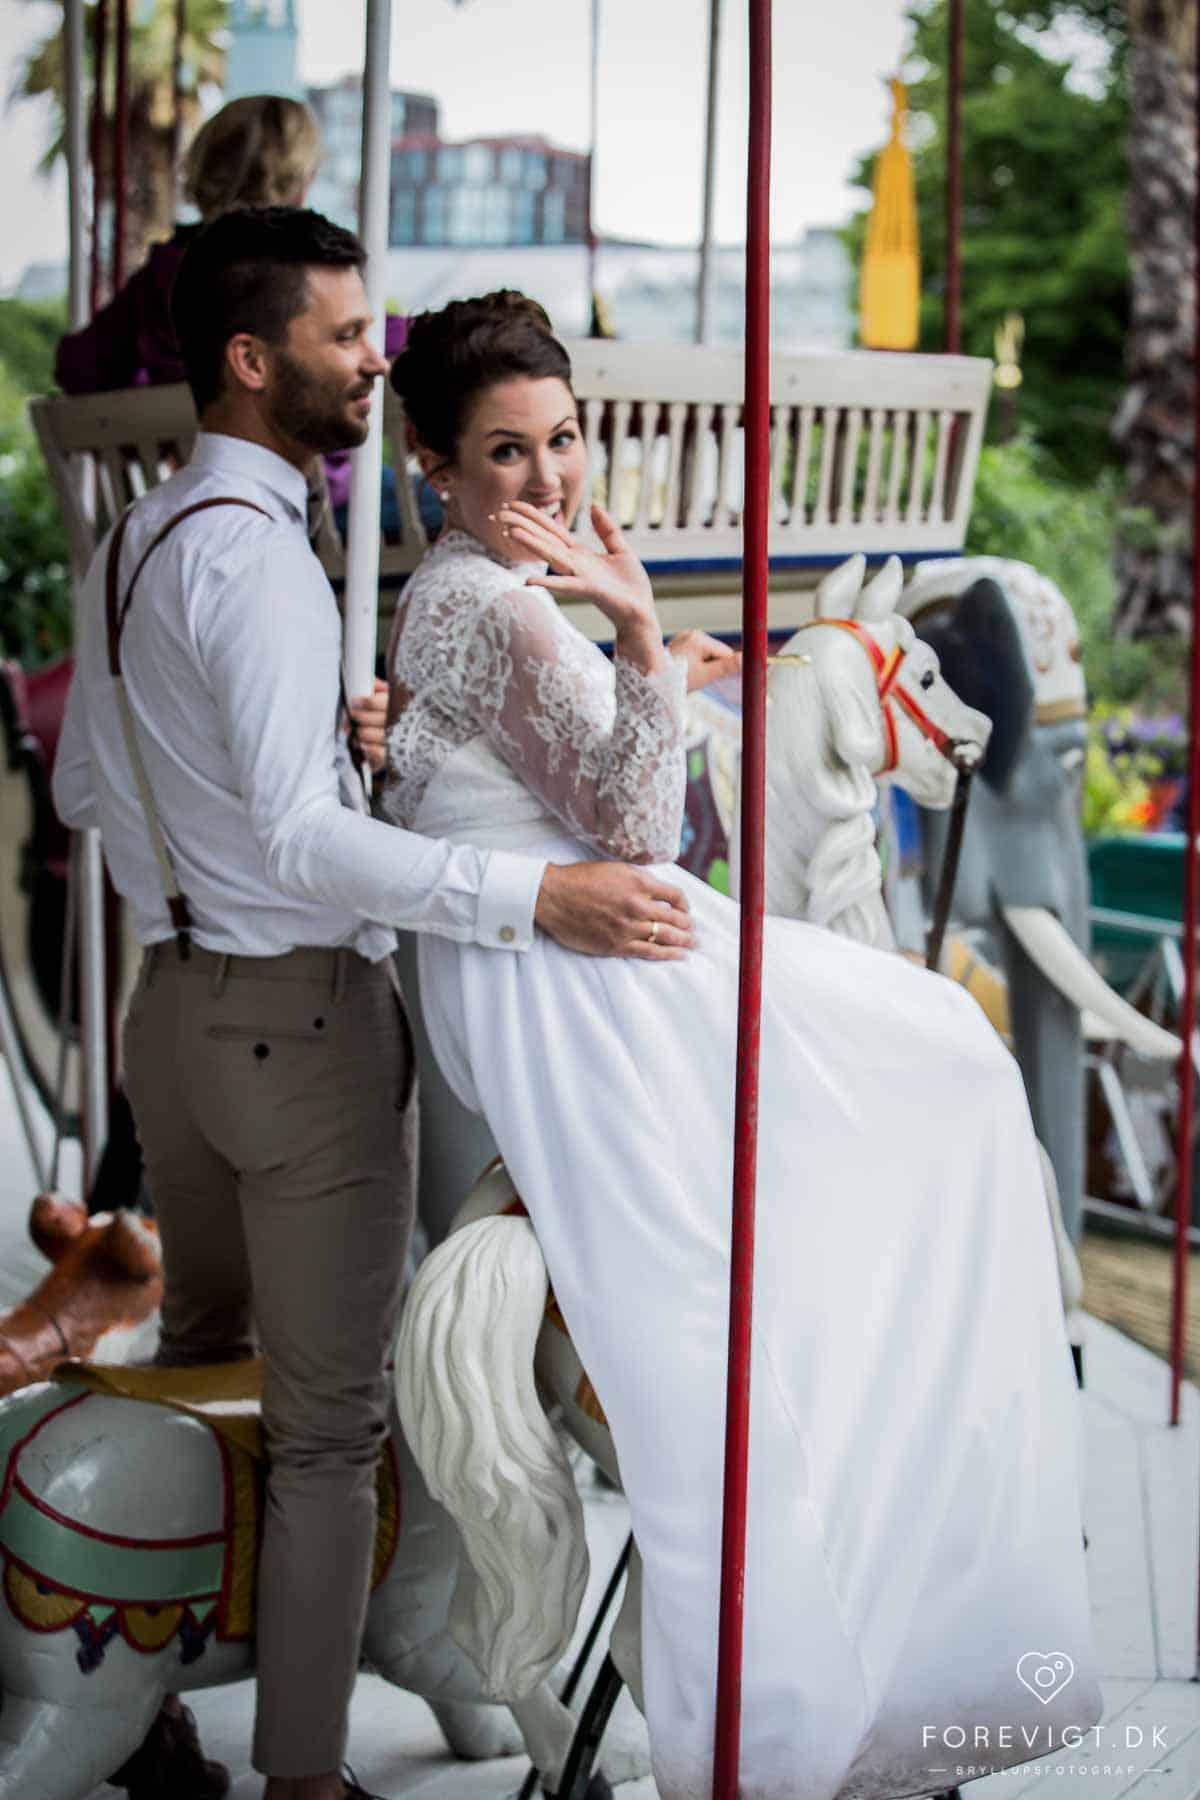 Parrets bryllup på Nimb var igang! Bryllupsfotografering København